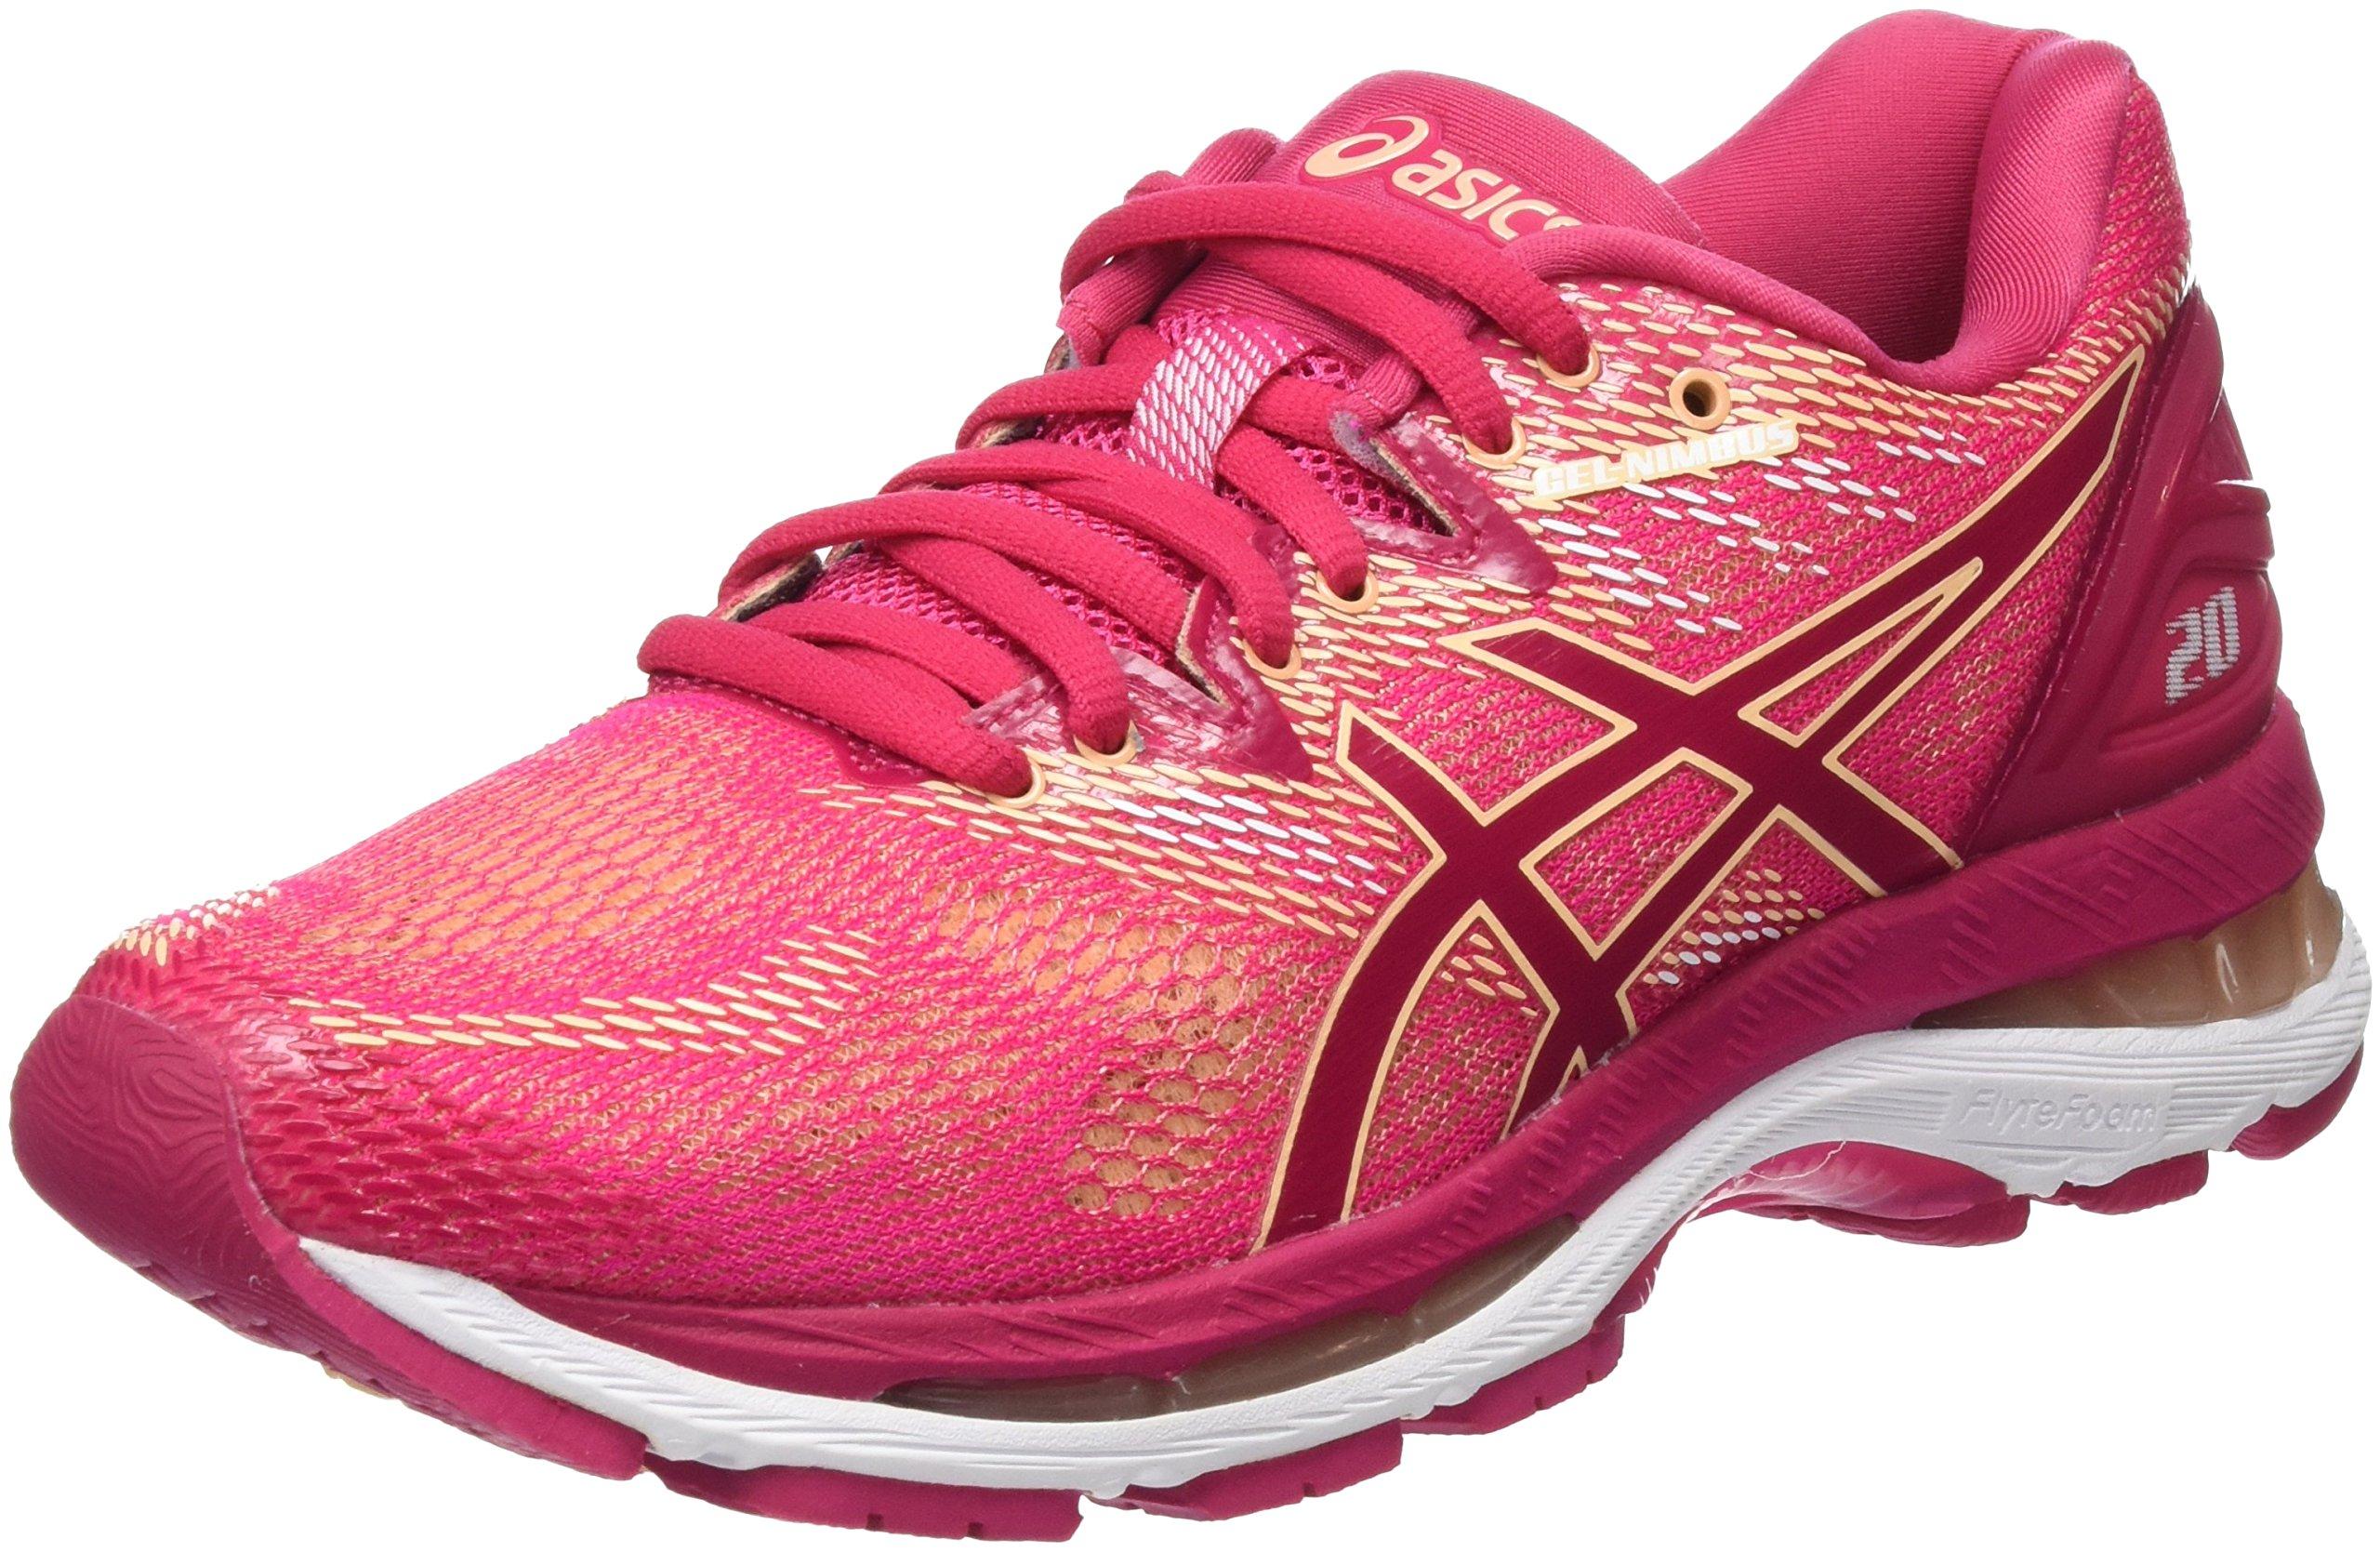 ASICS Women's Gel-Nimbus 20 Running Shoe, 6.5, Pink by ASICS (Image #1)